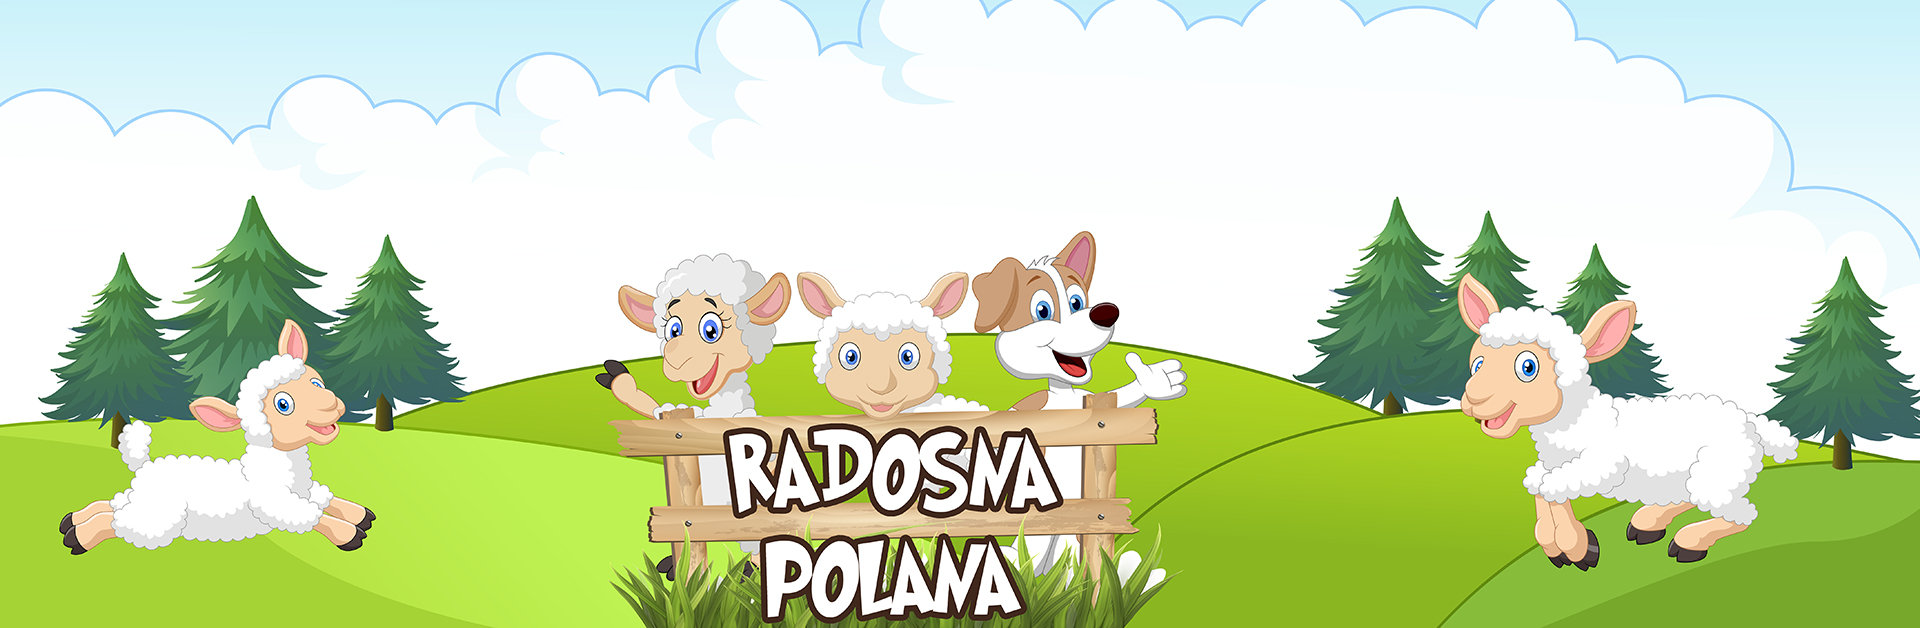 baner_radosna_polana